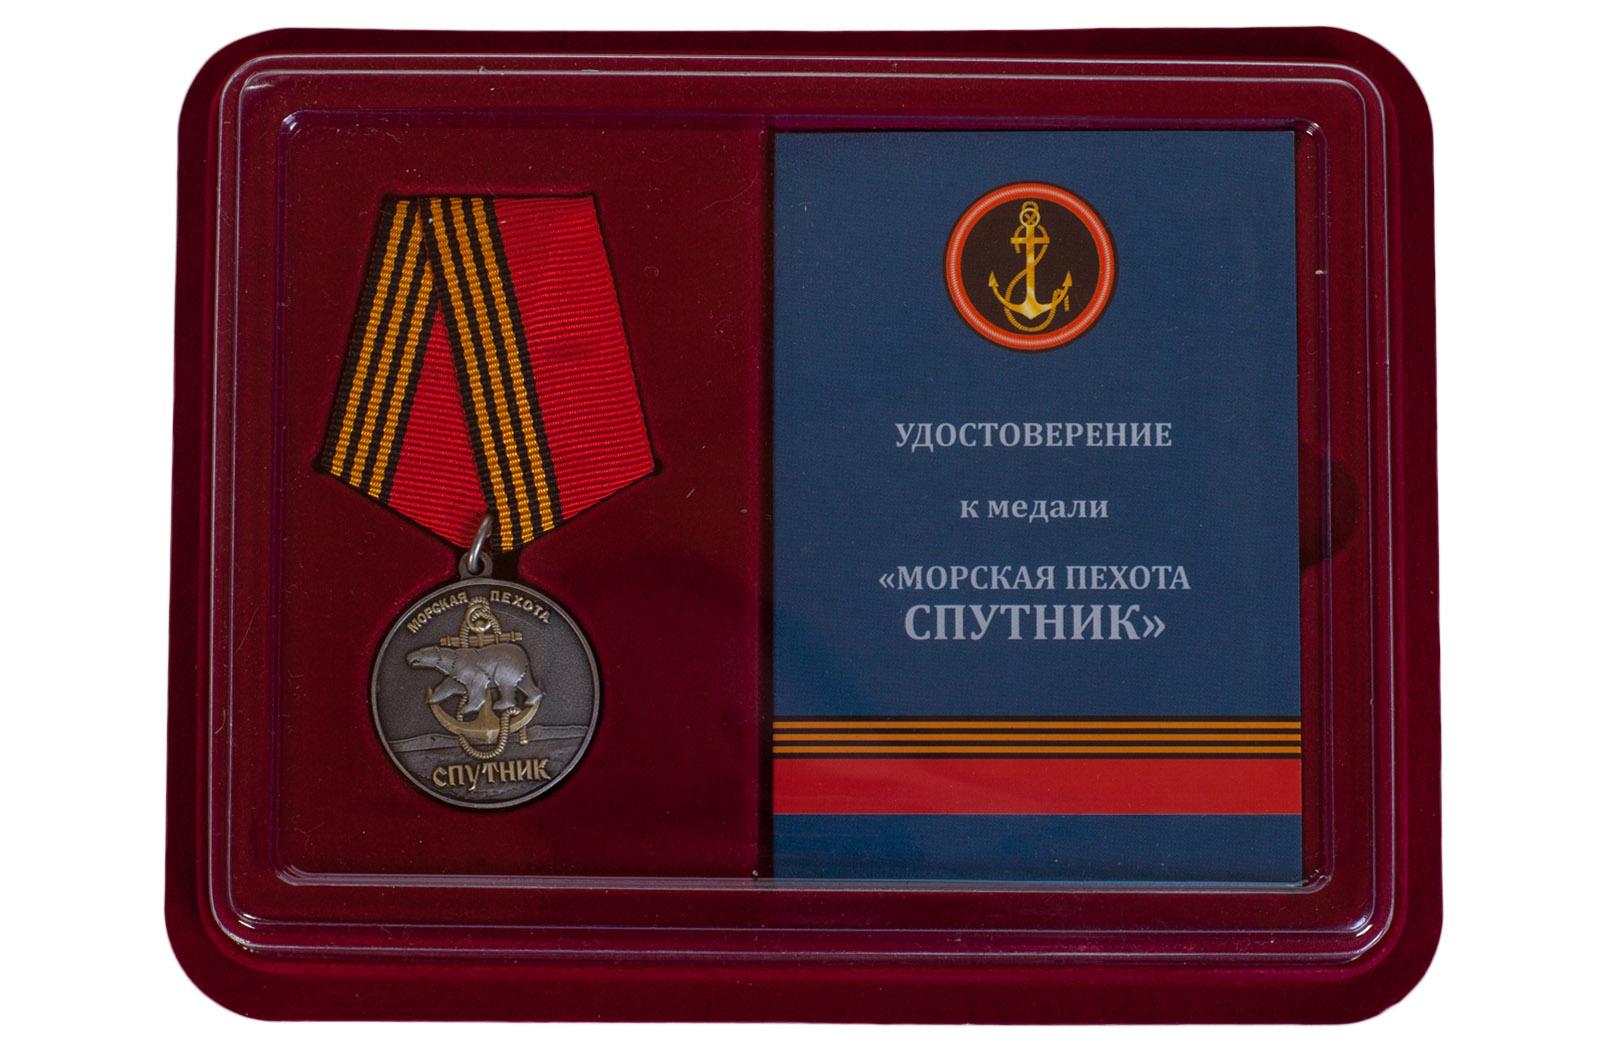 Купить наградную медаль 61-я Киркенесская ОБрМП. Спутник в подарок онлайн